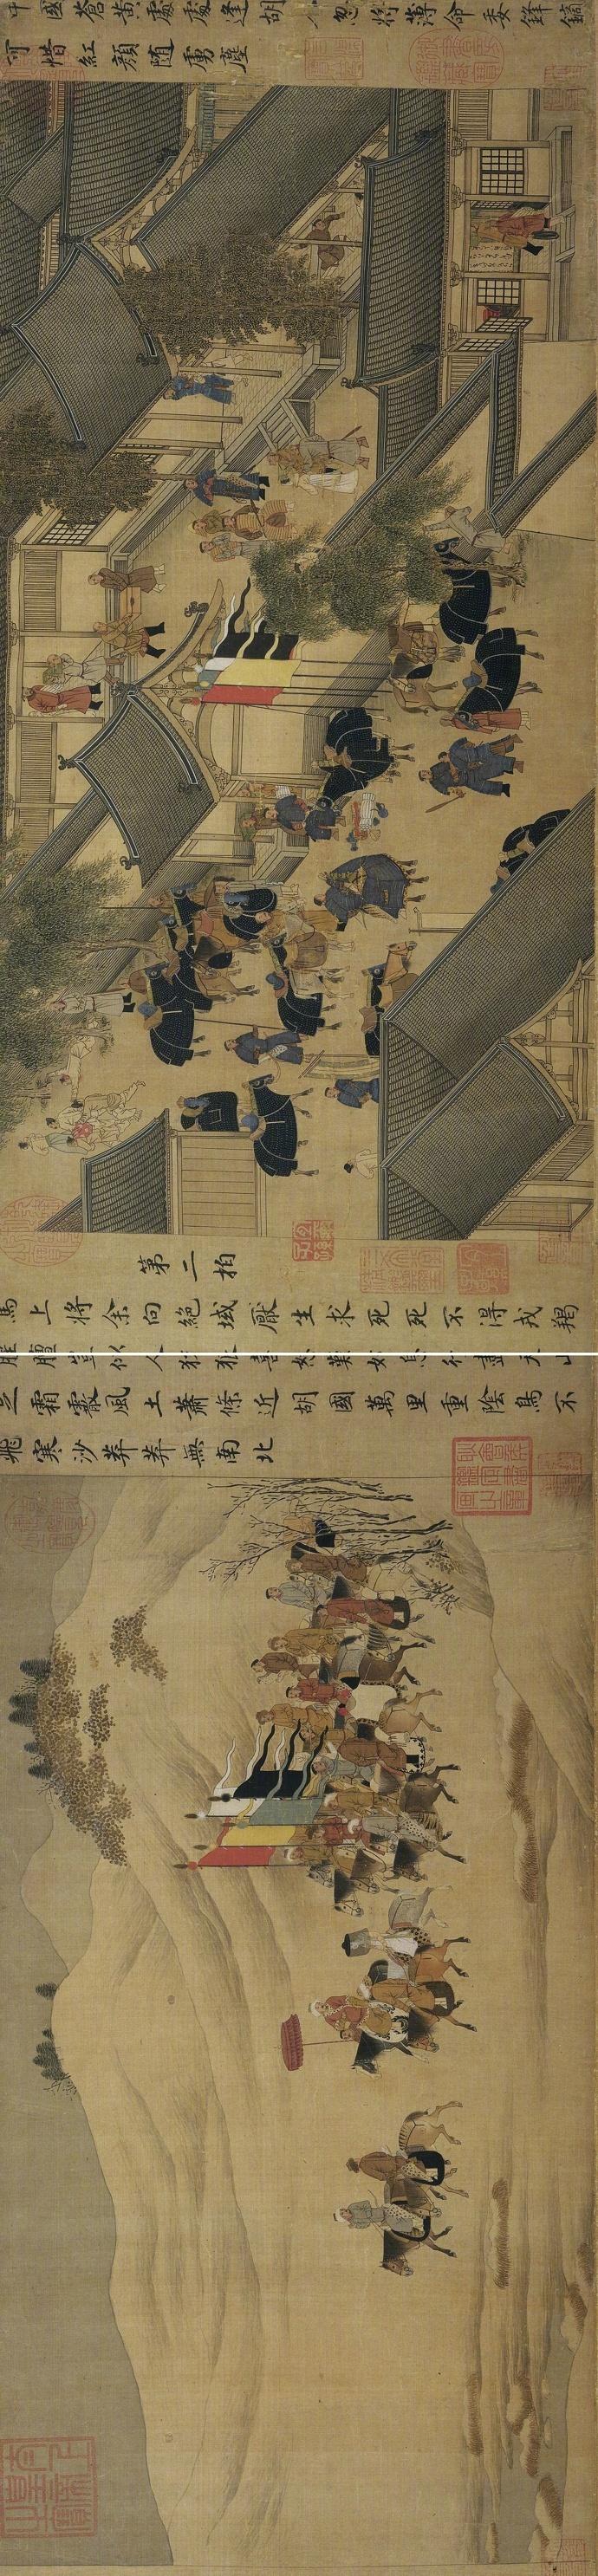 明·佚名《胡笳十八拍图》卷,美国大都会艺术博物馆藏,高清大图